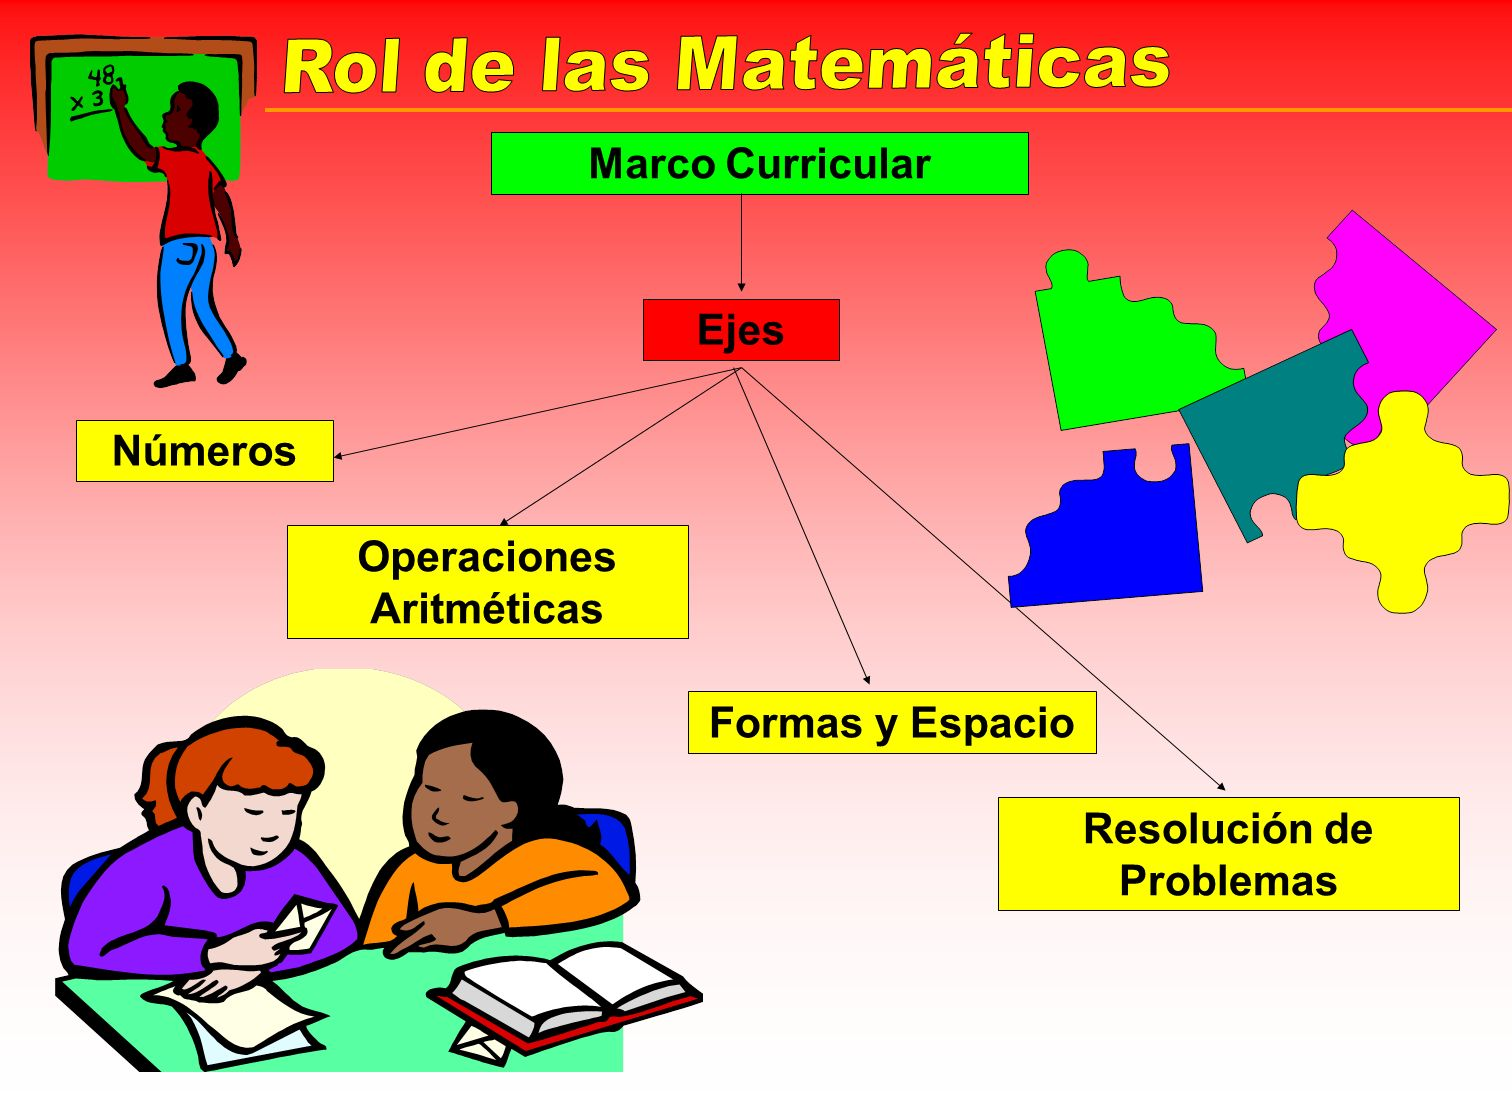 Marco Curricular Ejes Números Operaciones Aritméticas Formas y Espacio Resolución de Problemas